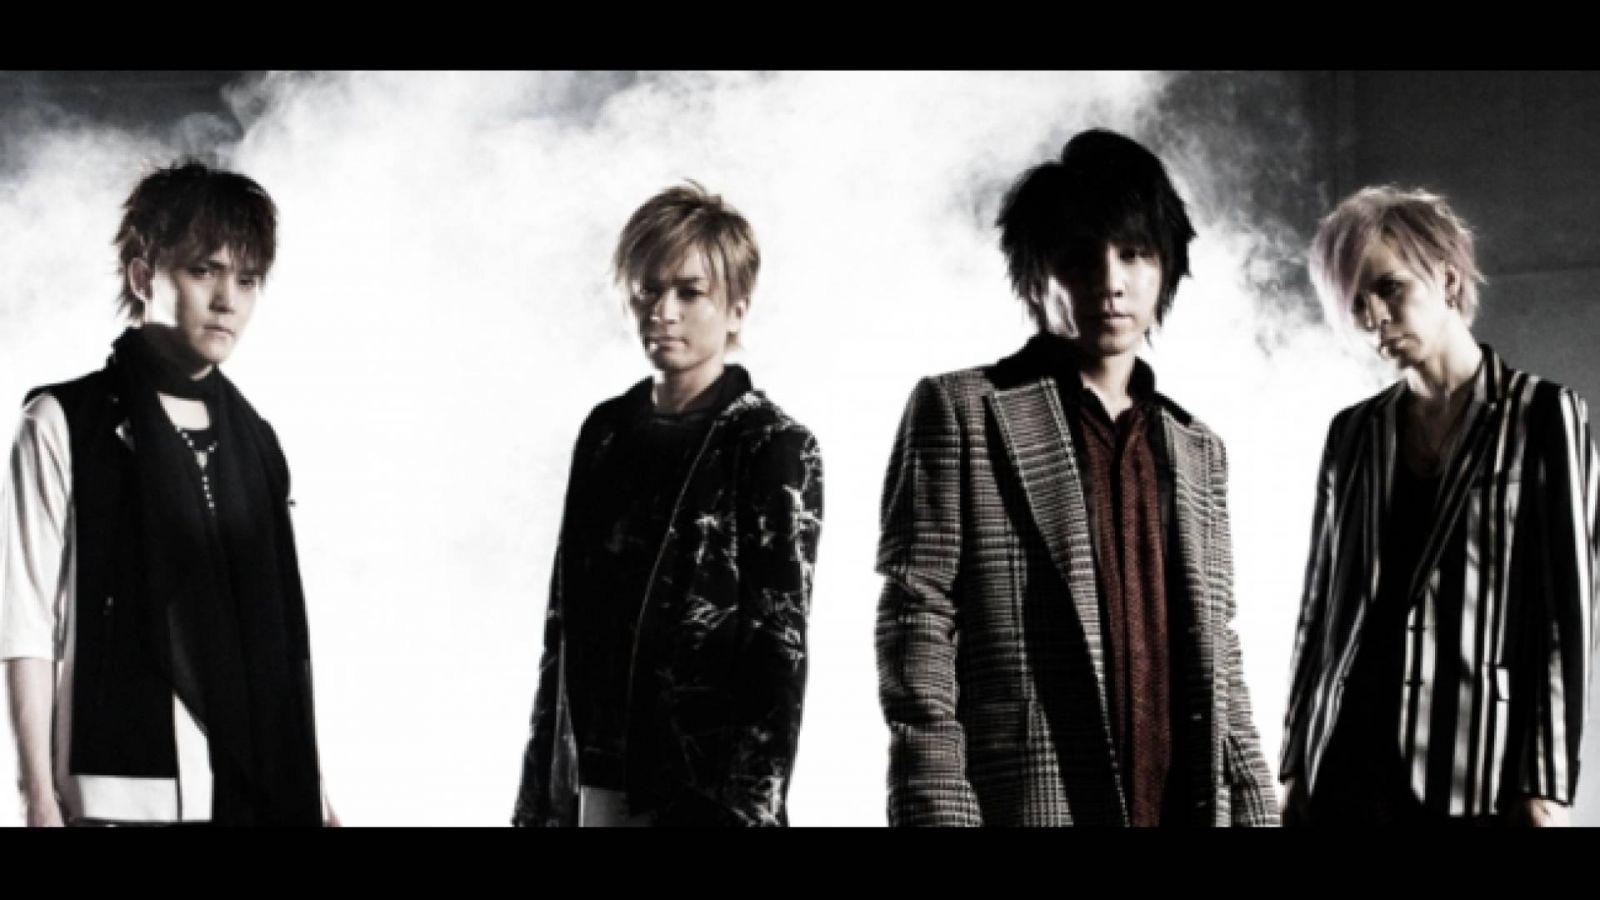 wyse yhteistyöhön Tezuka Productionsin kanssa - luvassa single ja kiertue © CHAIN. All Rights Reserved.